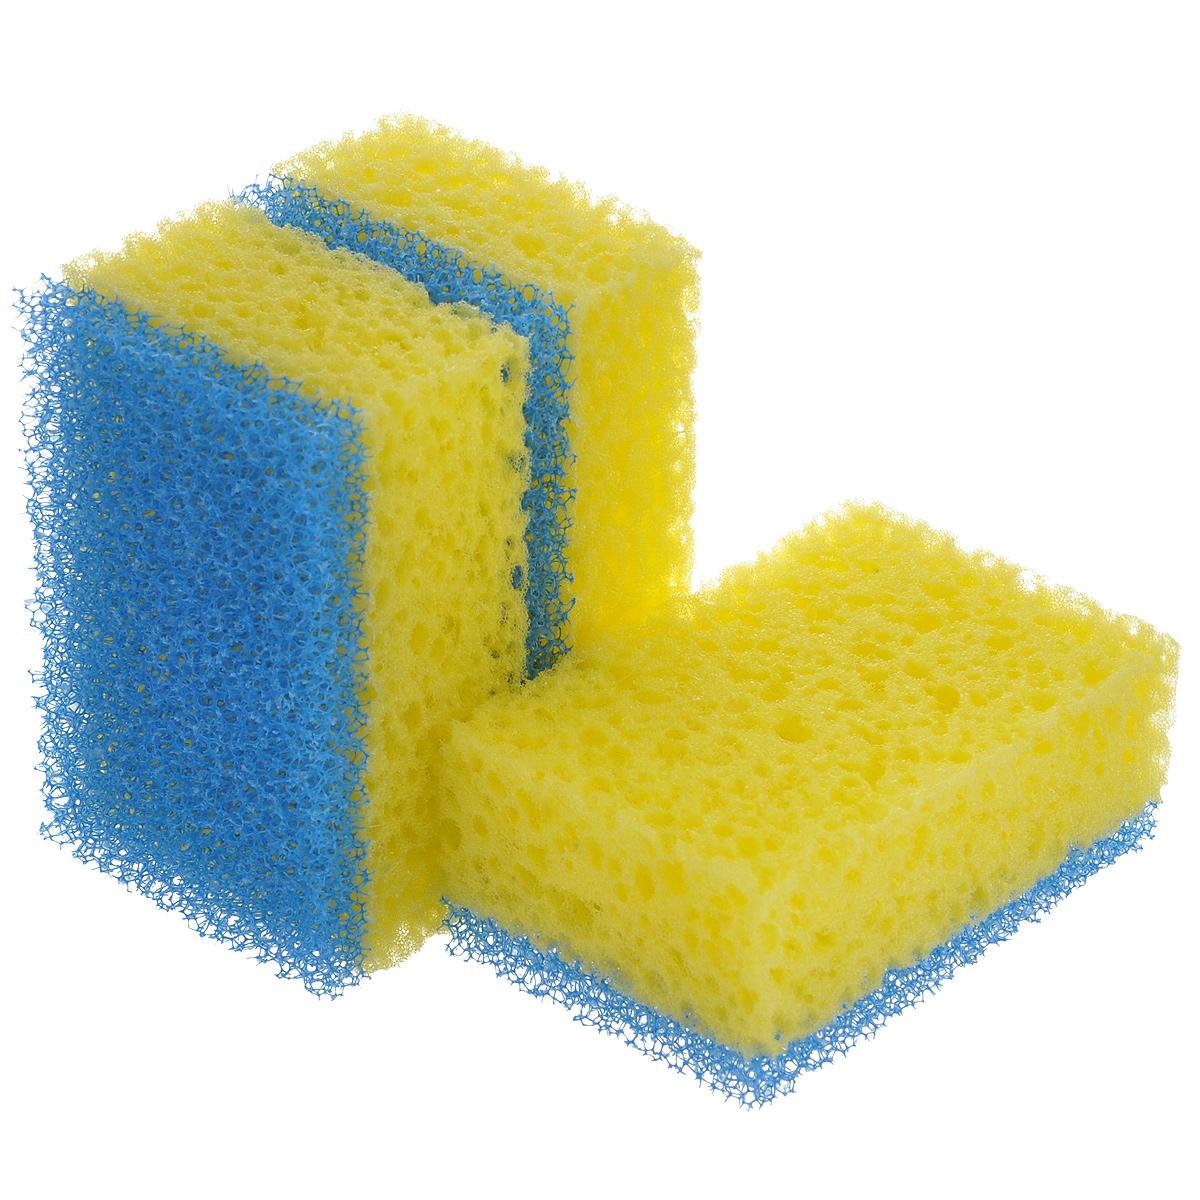 Губки для посуды La Chista Люкс, цвет: желтый, синий, 3 шт870147Губки для посуды La Chista Люкс идеально справляются с любыми загрязнениями даже без моющего средства. Выполнены из мягкого поролона и абразивного материала. Особенности: Изготовлены из экологически чистого сырья. Не содержат фреонов и метилгидрохлорида. Высокая плотность поролона экономит моющее средство. Особо прочные абразивные материалы.